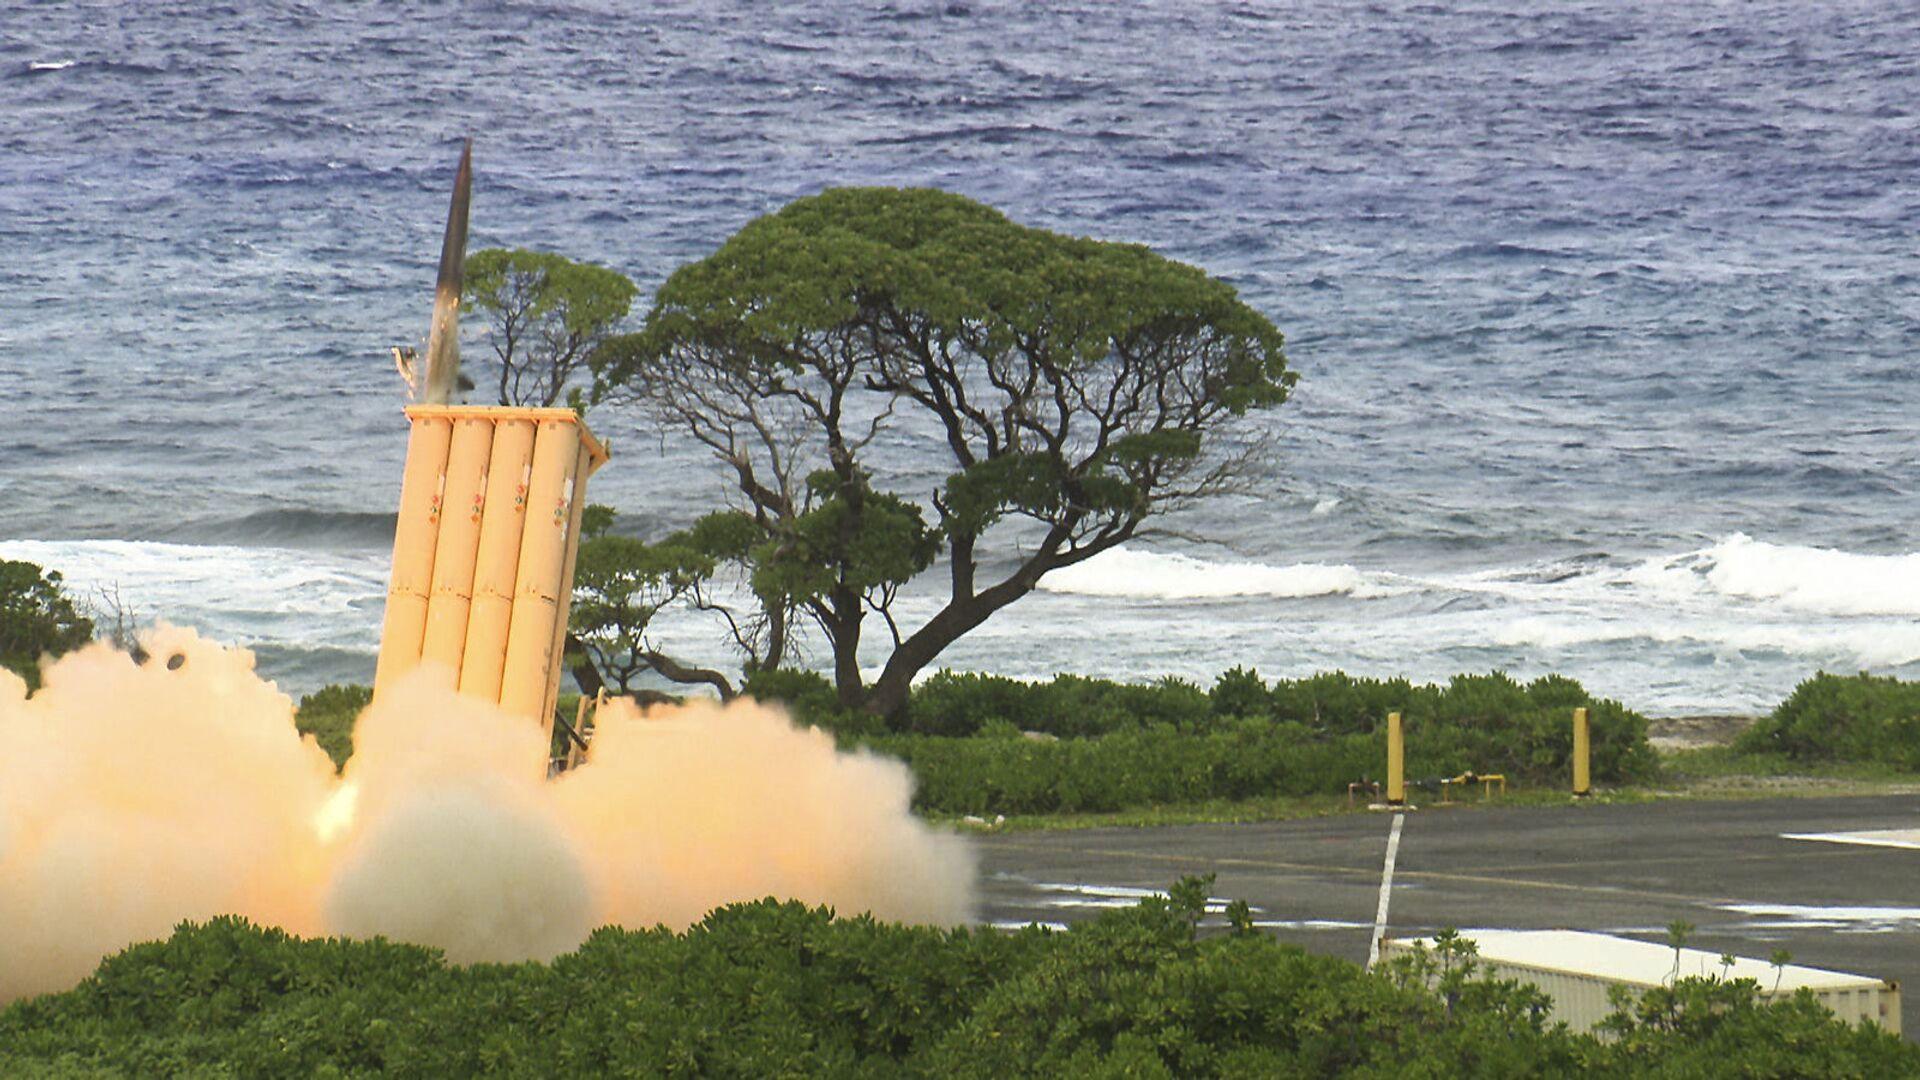 Việc triển khai tên lửa Mỹ trên chuỗi đảo thứ nhất sẽ gây ra hậu quả nghiêm trọng cho khu vực - Sputnik Việt Nam, 1920, 12.03.2021